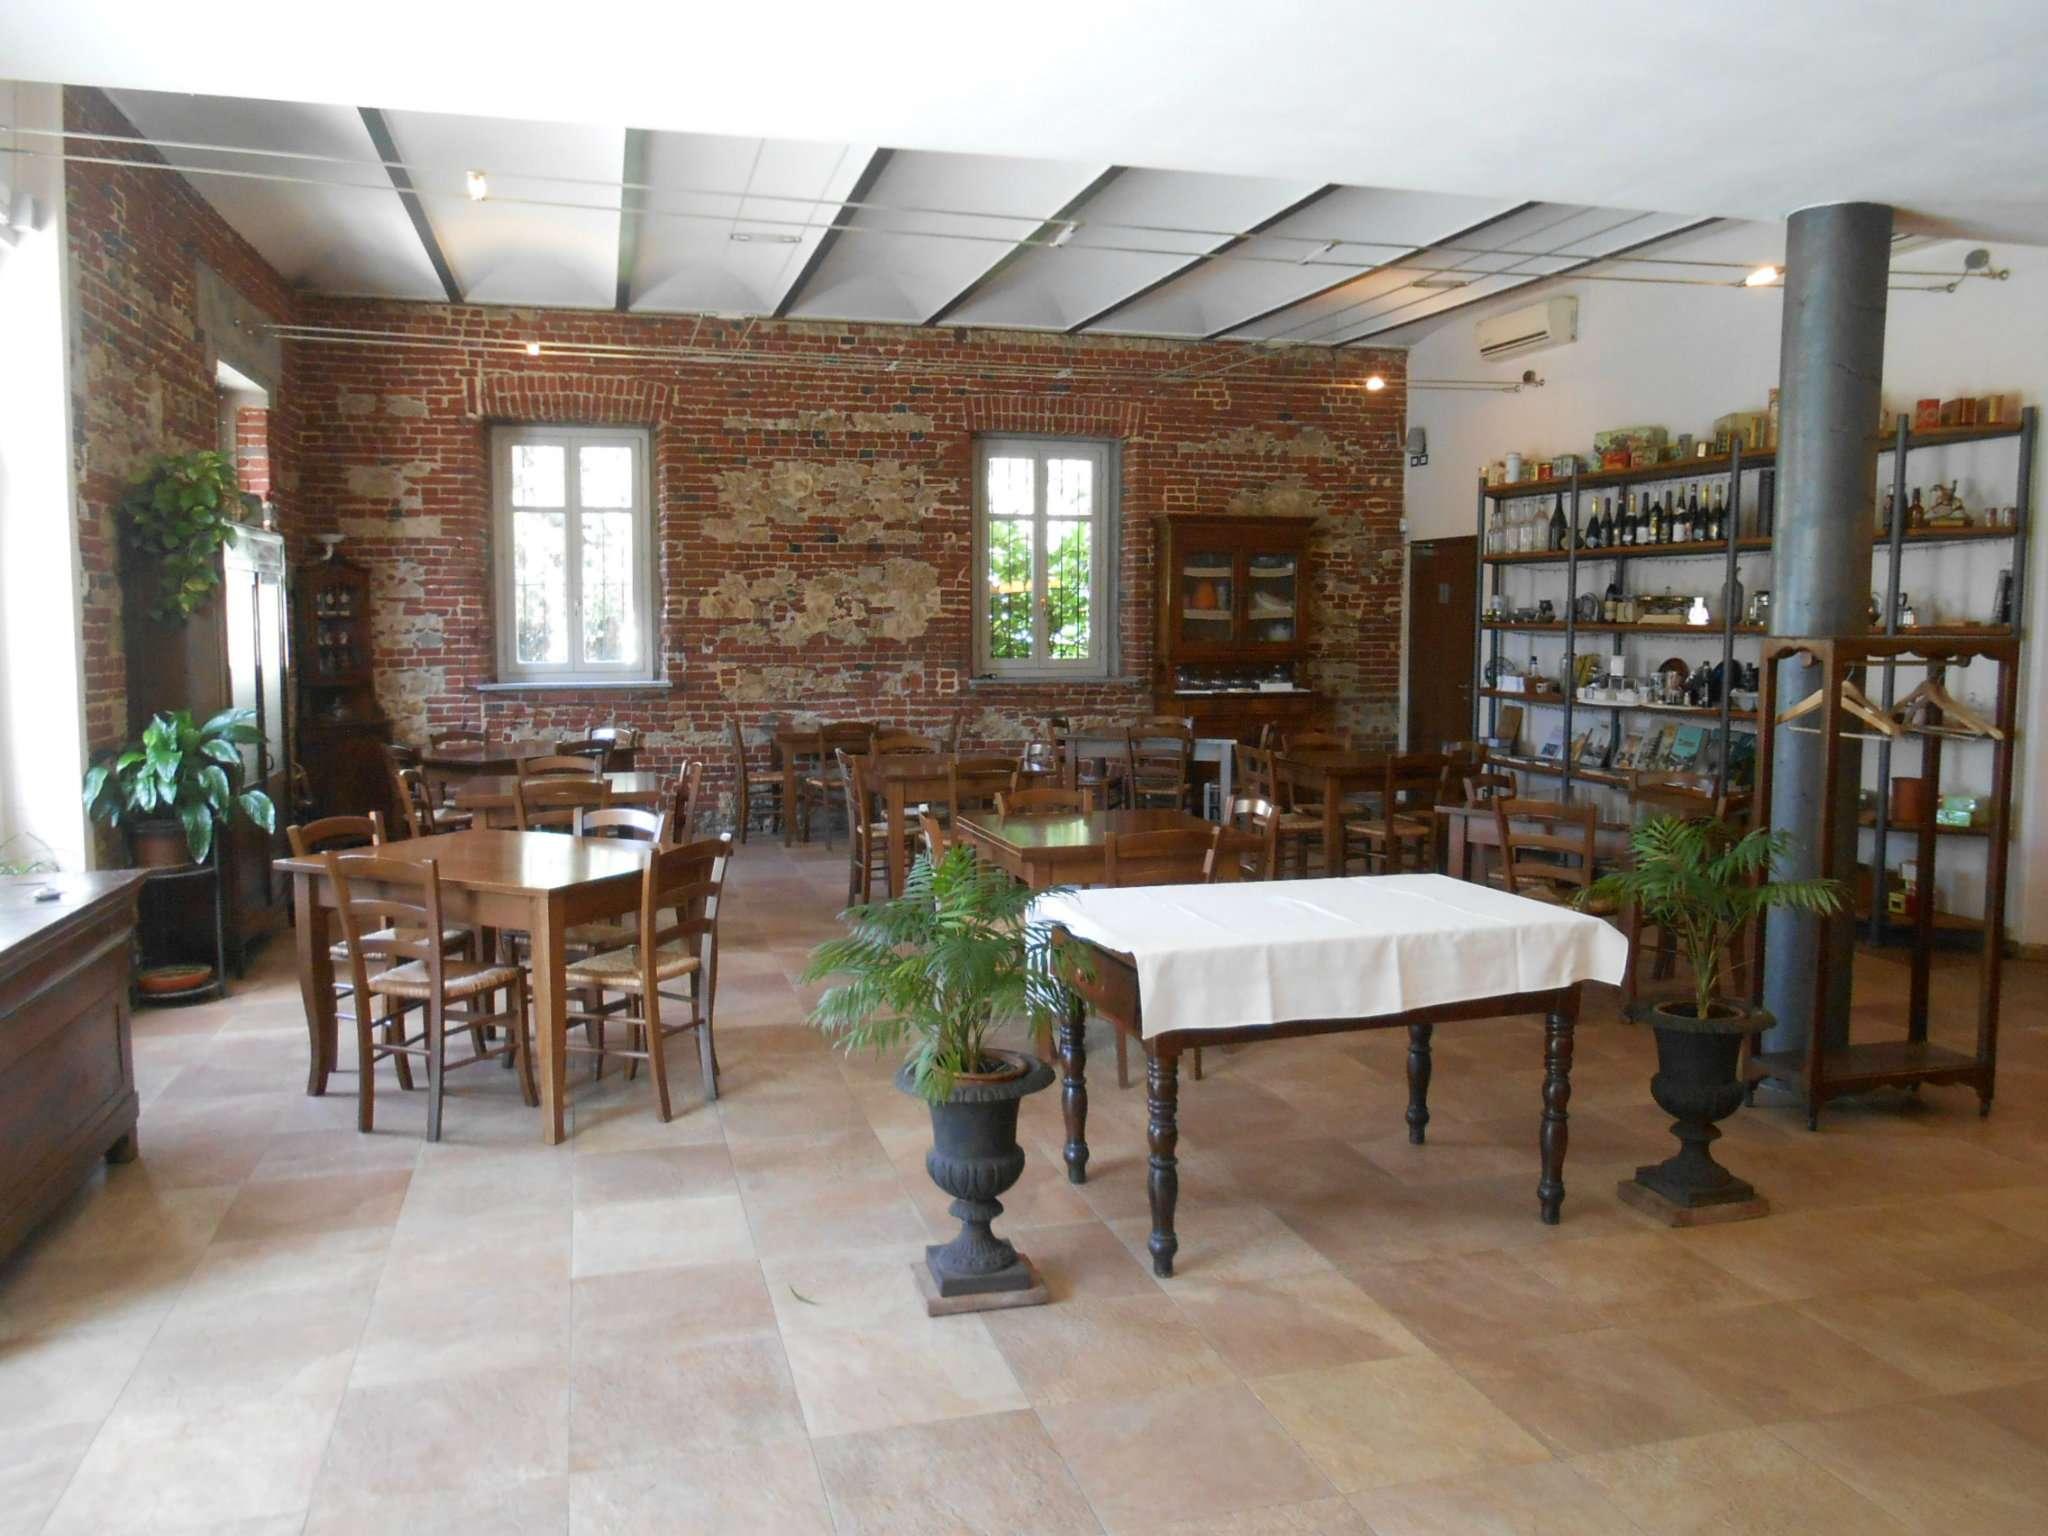 Ristorante / Pizzeria / Trattoria in vendita a Castelnuovo Don Bosco, 4 locali, Trattative riservate   CambioCasa.it